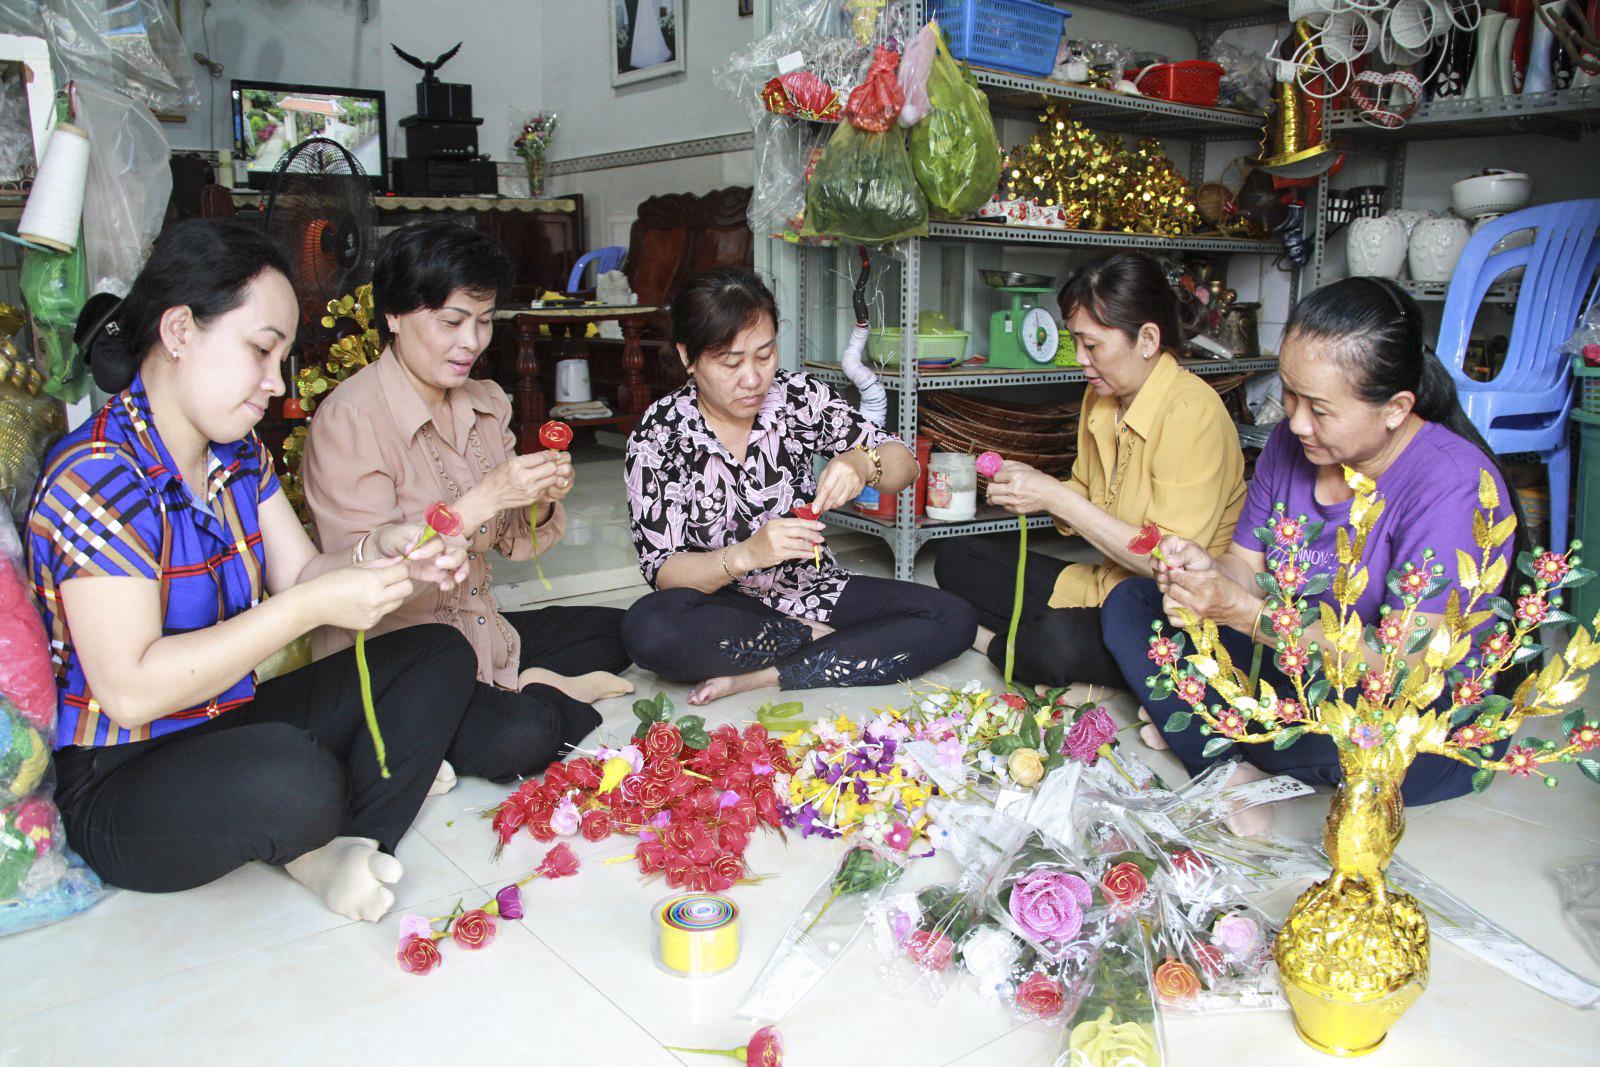 Nghề làm hoa voan giúp chị Thảo (ngồi giữa), phường Bùi Hữu Nghĩa, quận Bình Thủy phát triển kinh tế gia đình bền vững. Ảnh: HỒNG VÂN